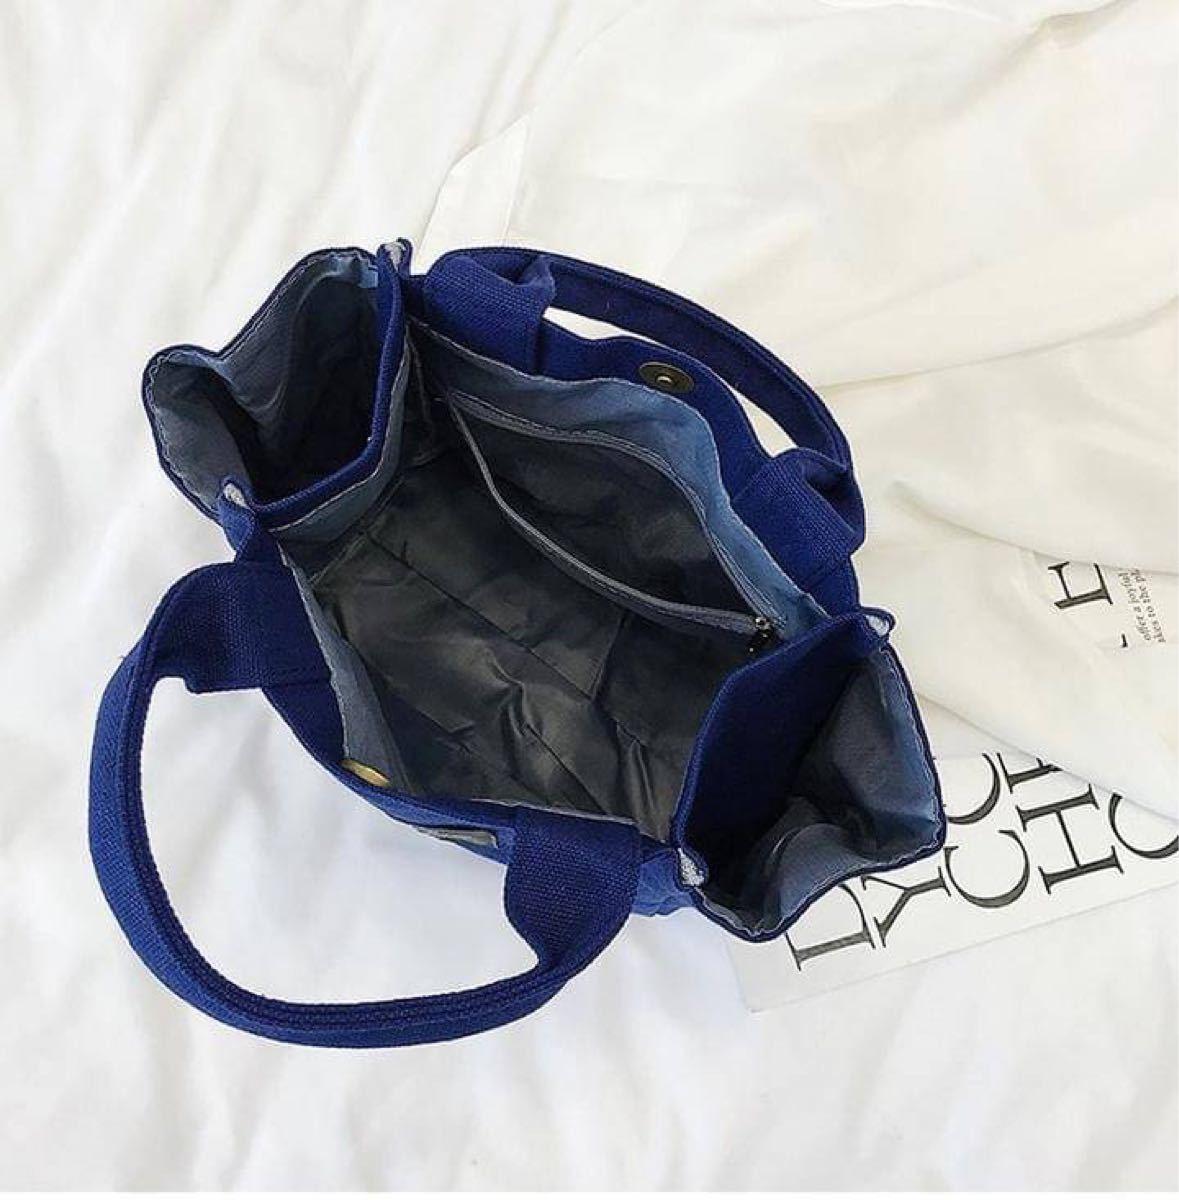 ミニバッグ トートバッグ 手提げ サブバッグ ブラック 大容量 ミニトート キャンバストート コンパクト サイドポケット 軽量